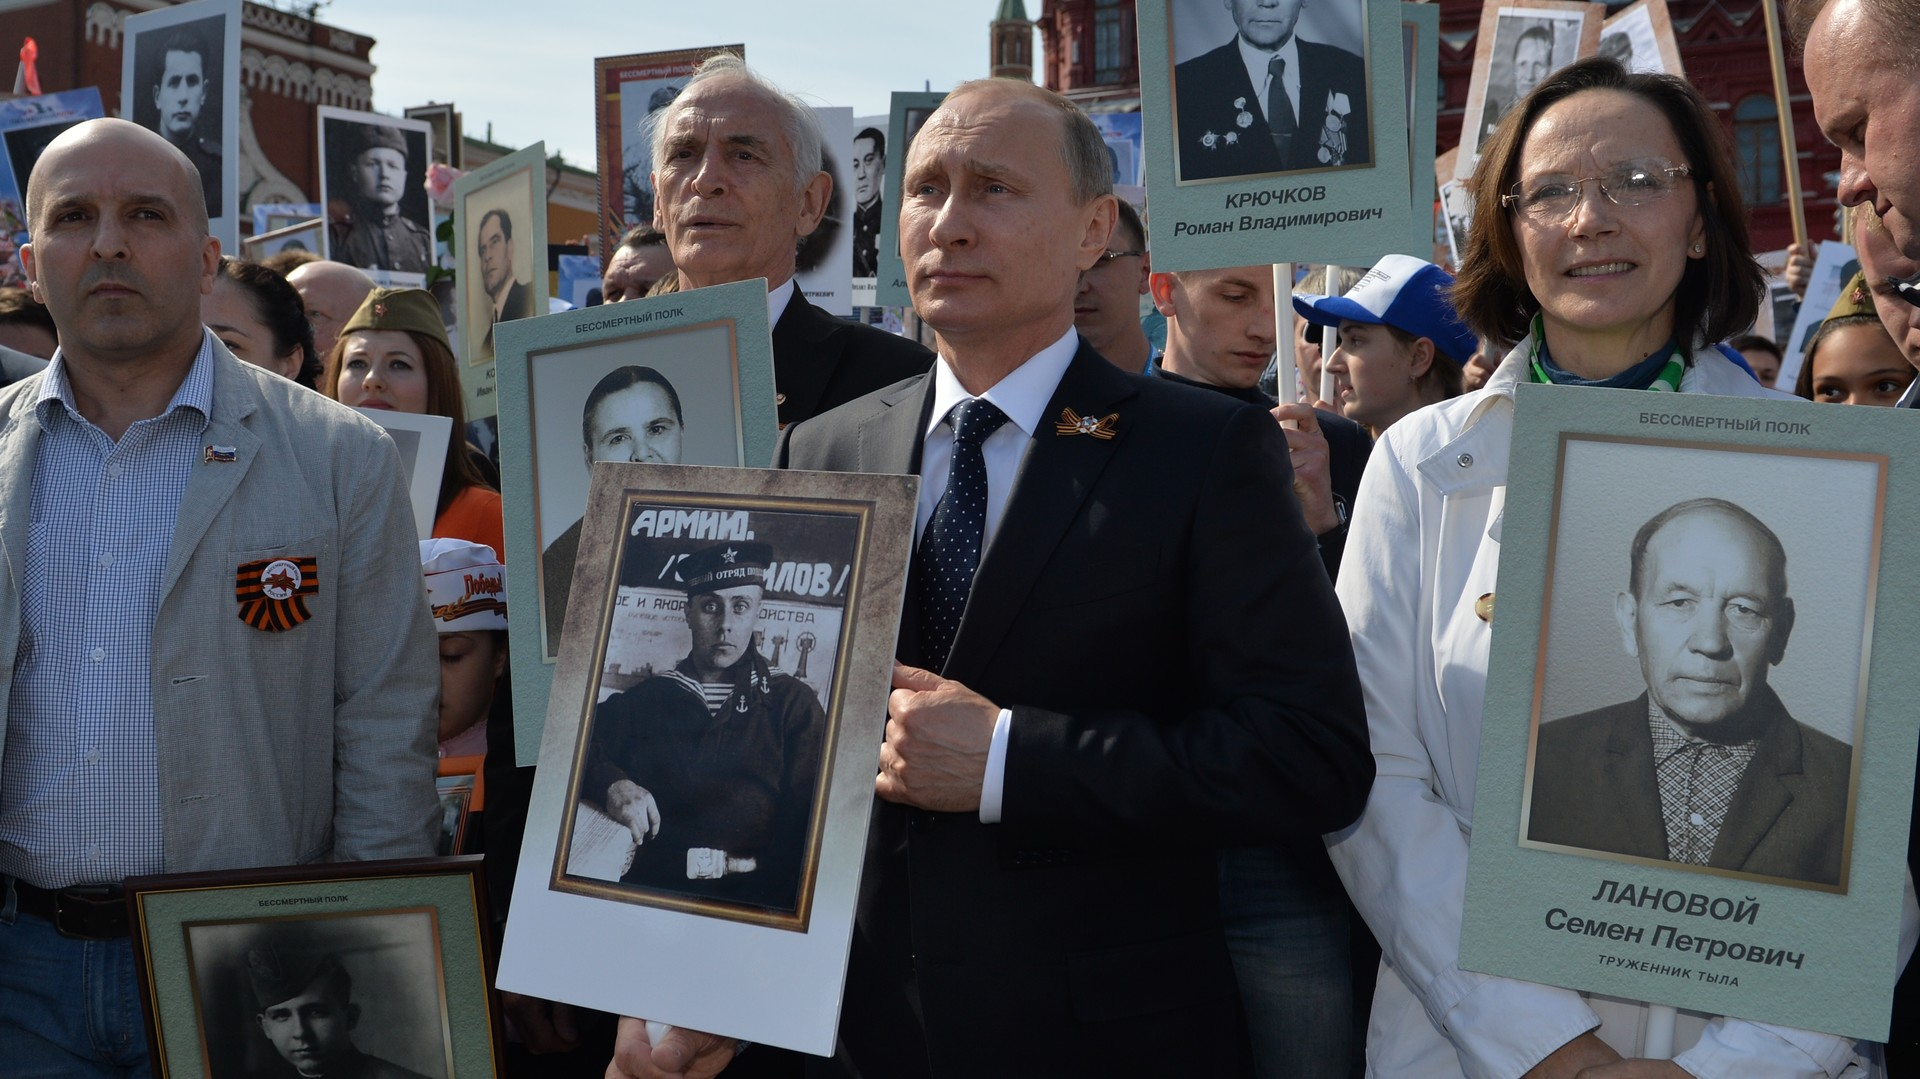 Le président russe avec le portrait de son père